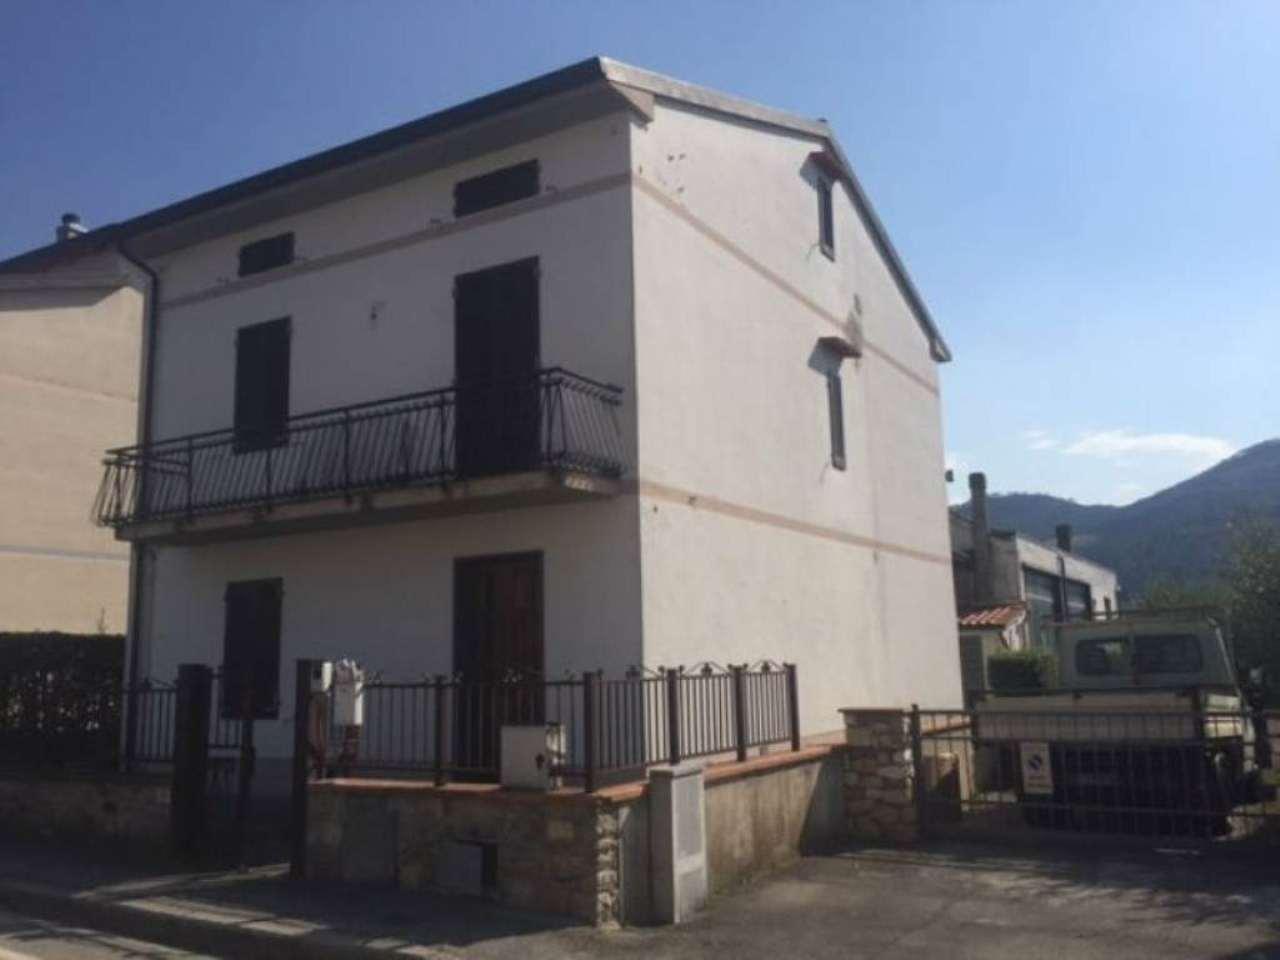 Palazzo / Stabile in vendita a Montemurlo, 8 locali, prezzo € 520.000 | Cambio Casa.it